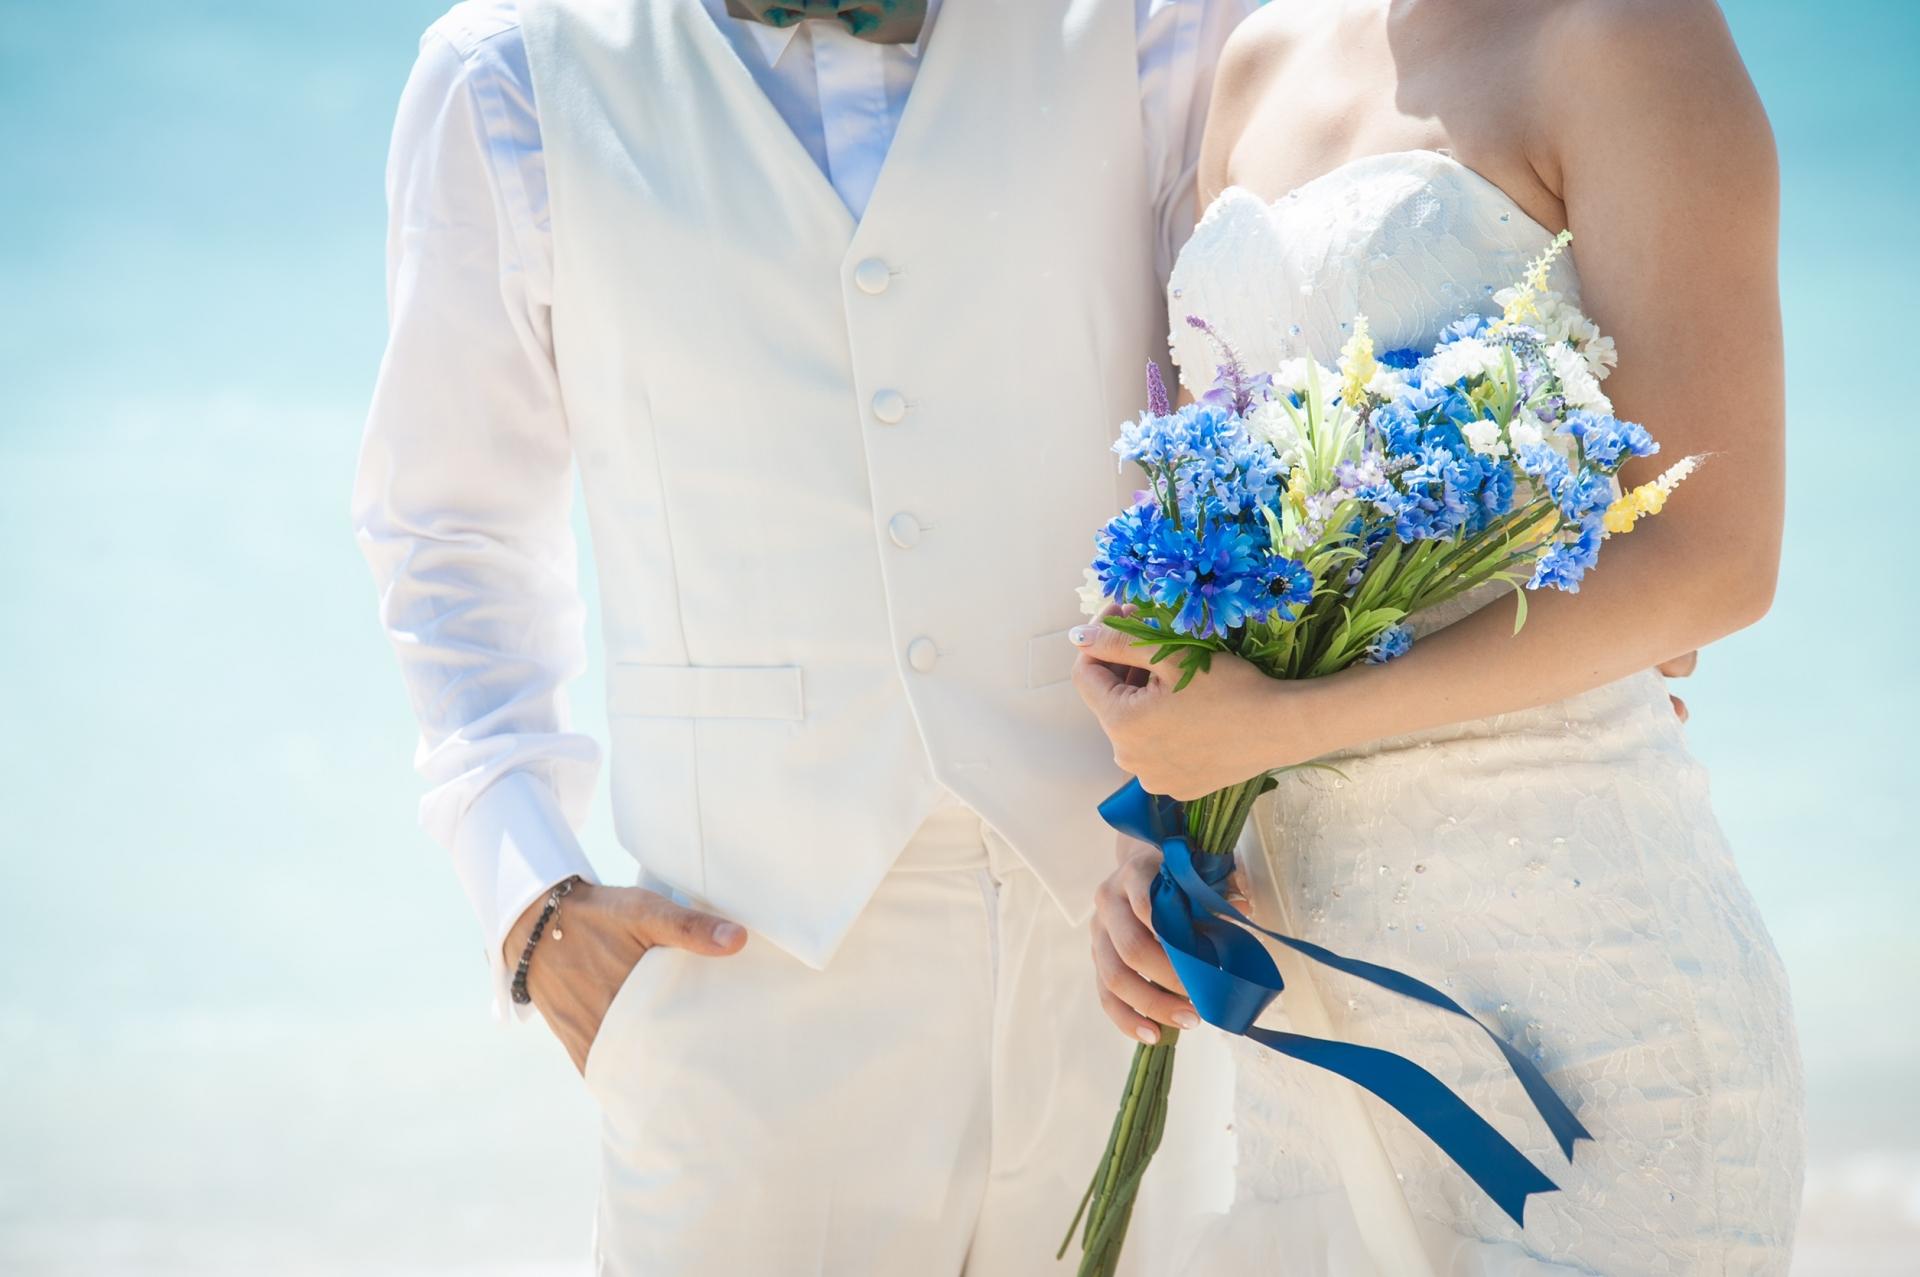 医者,結婚,相談所,女性